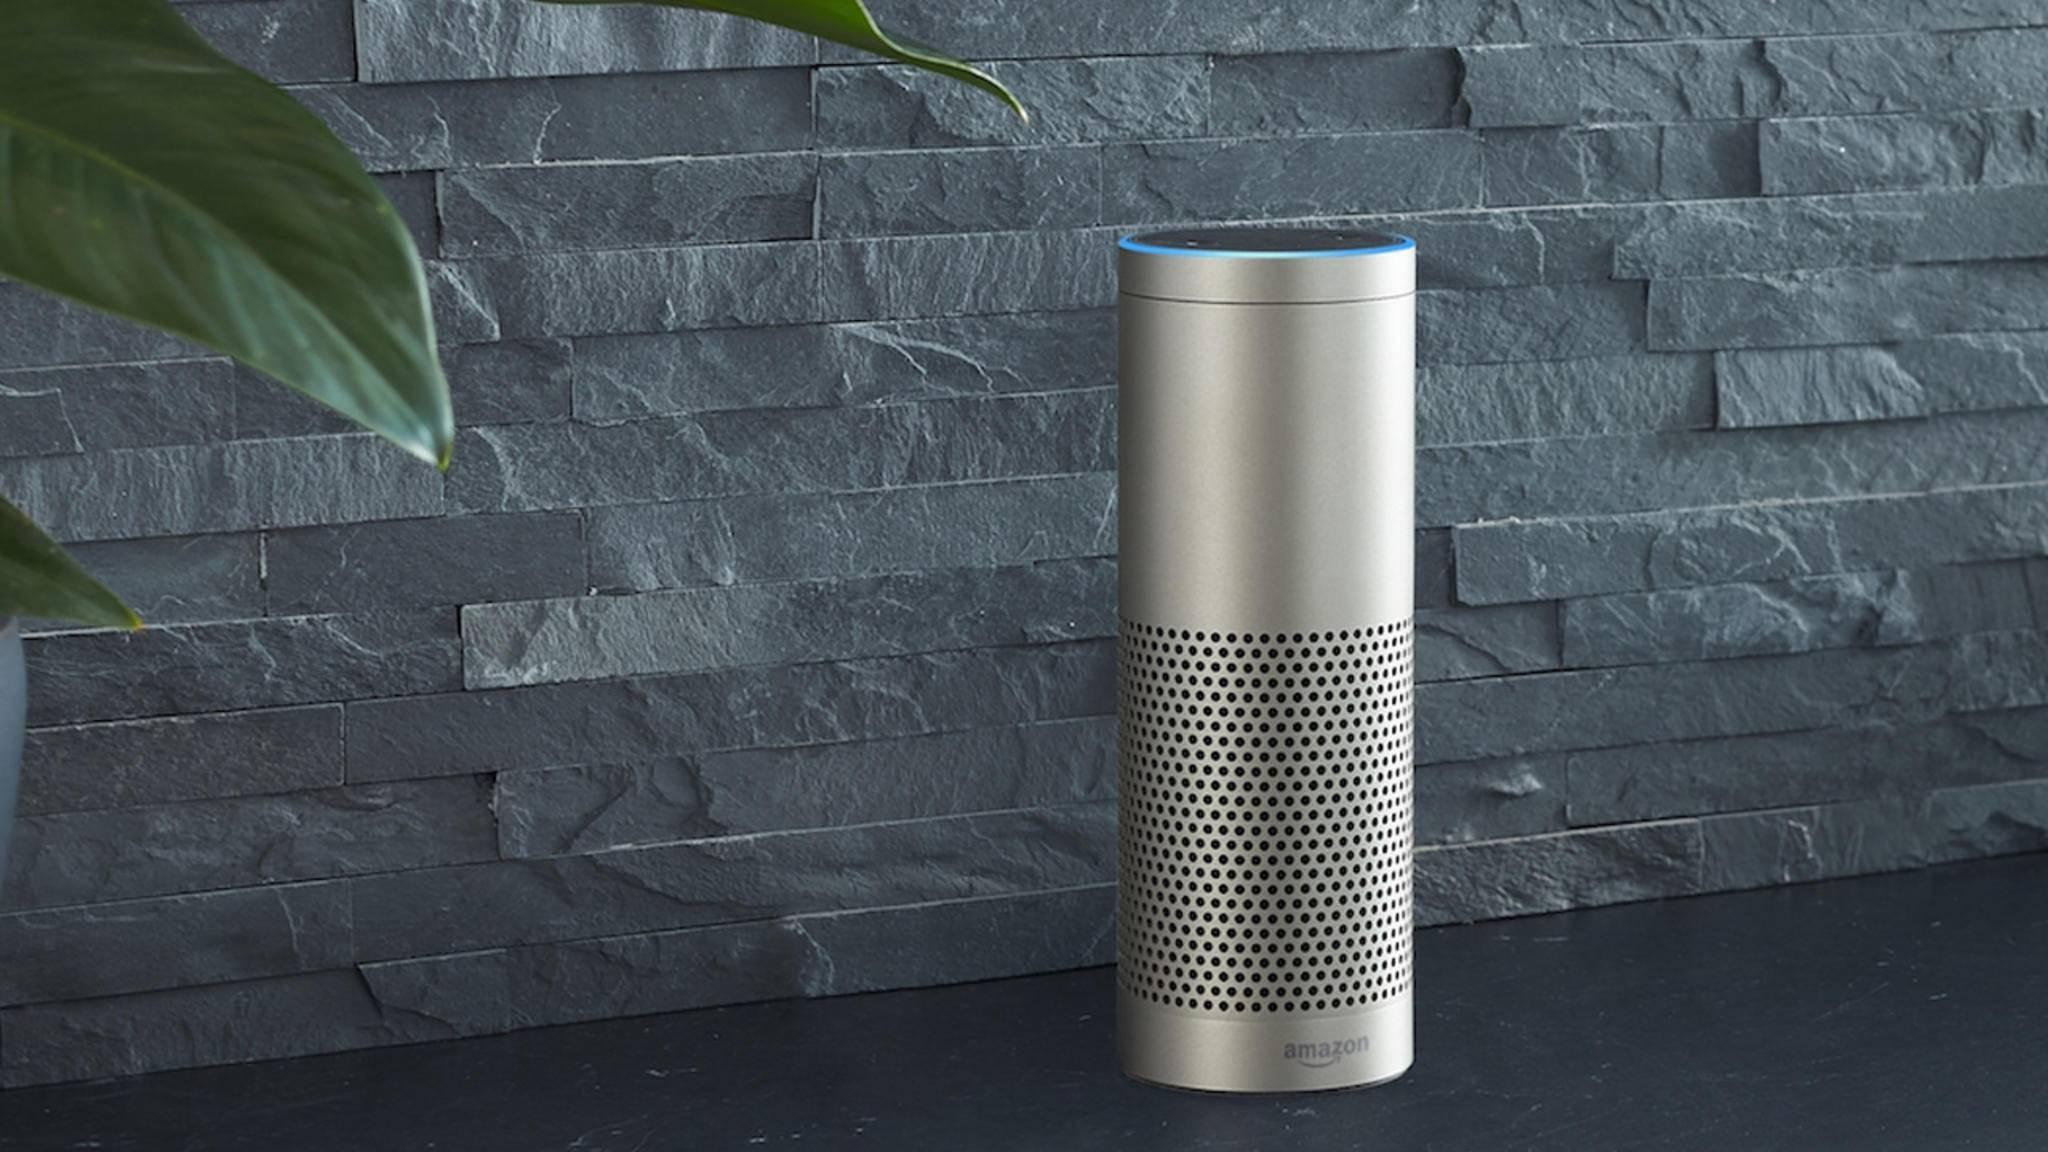 Wir helfen, wenn Alexa auf dem Amazon Echo nicht reagiert.